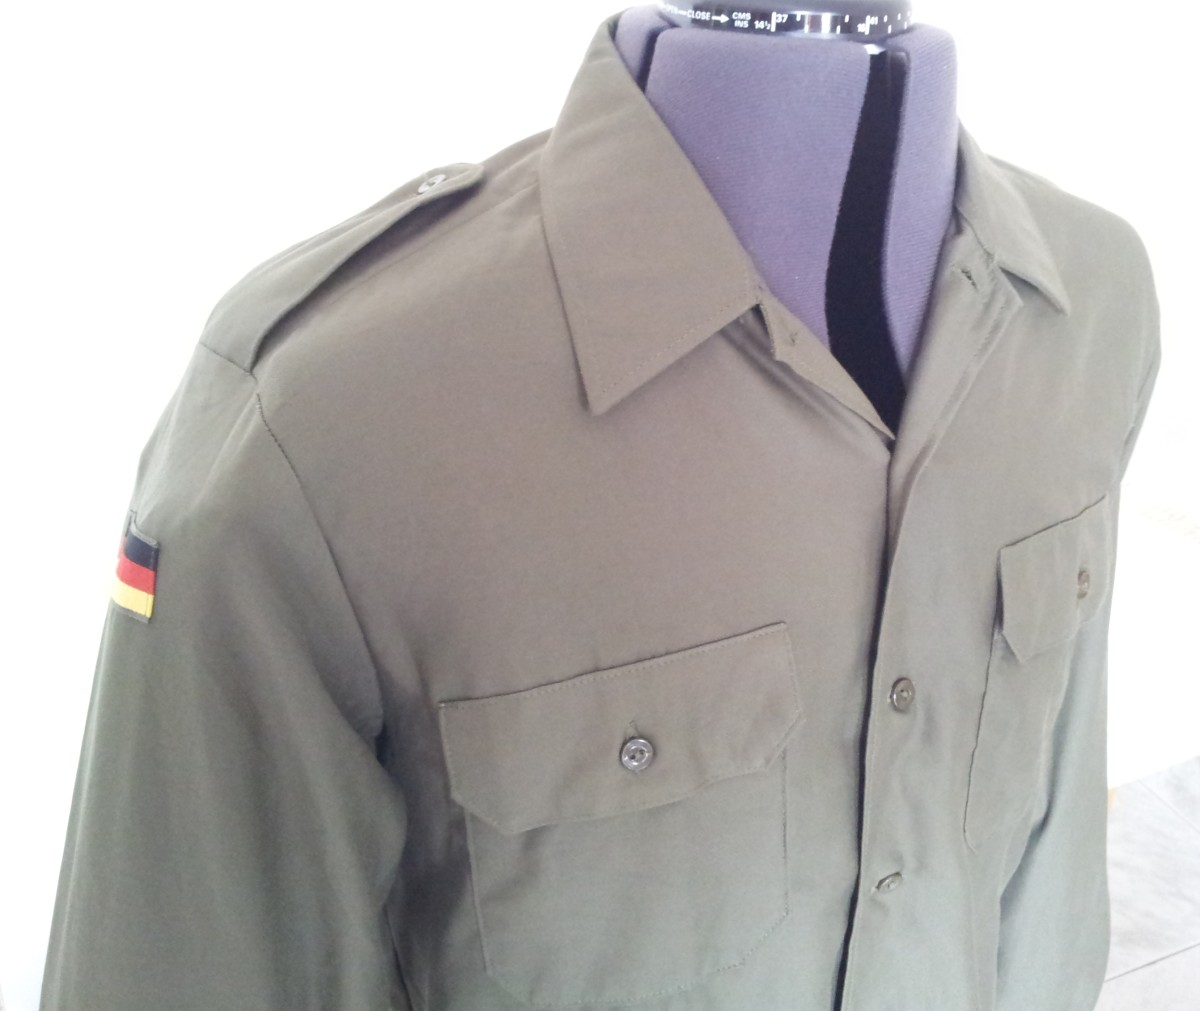 Camicia Uomo Camicia In Tedesco Camicia In Uomo Tedesco Uomo Tedesco In Camicia Y6bfy7g